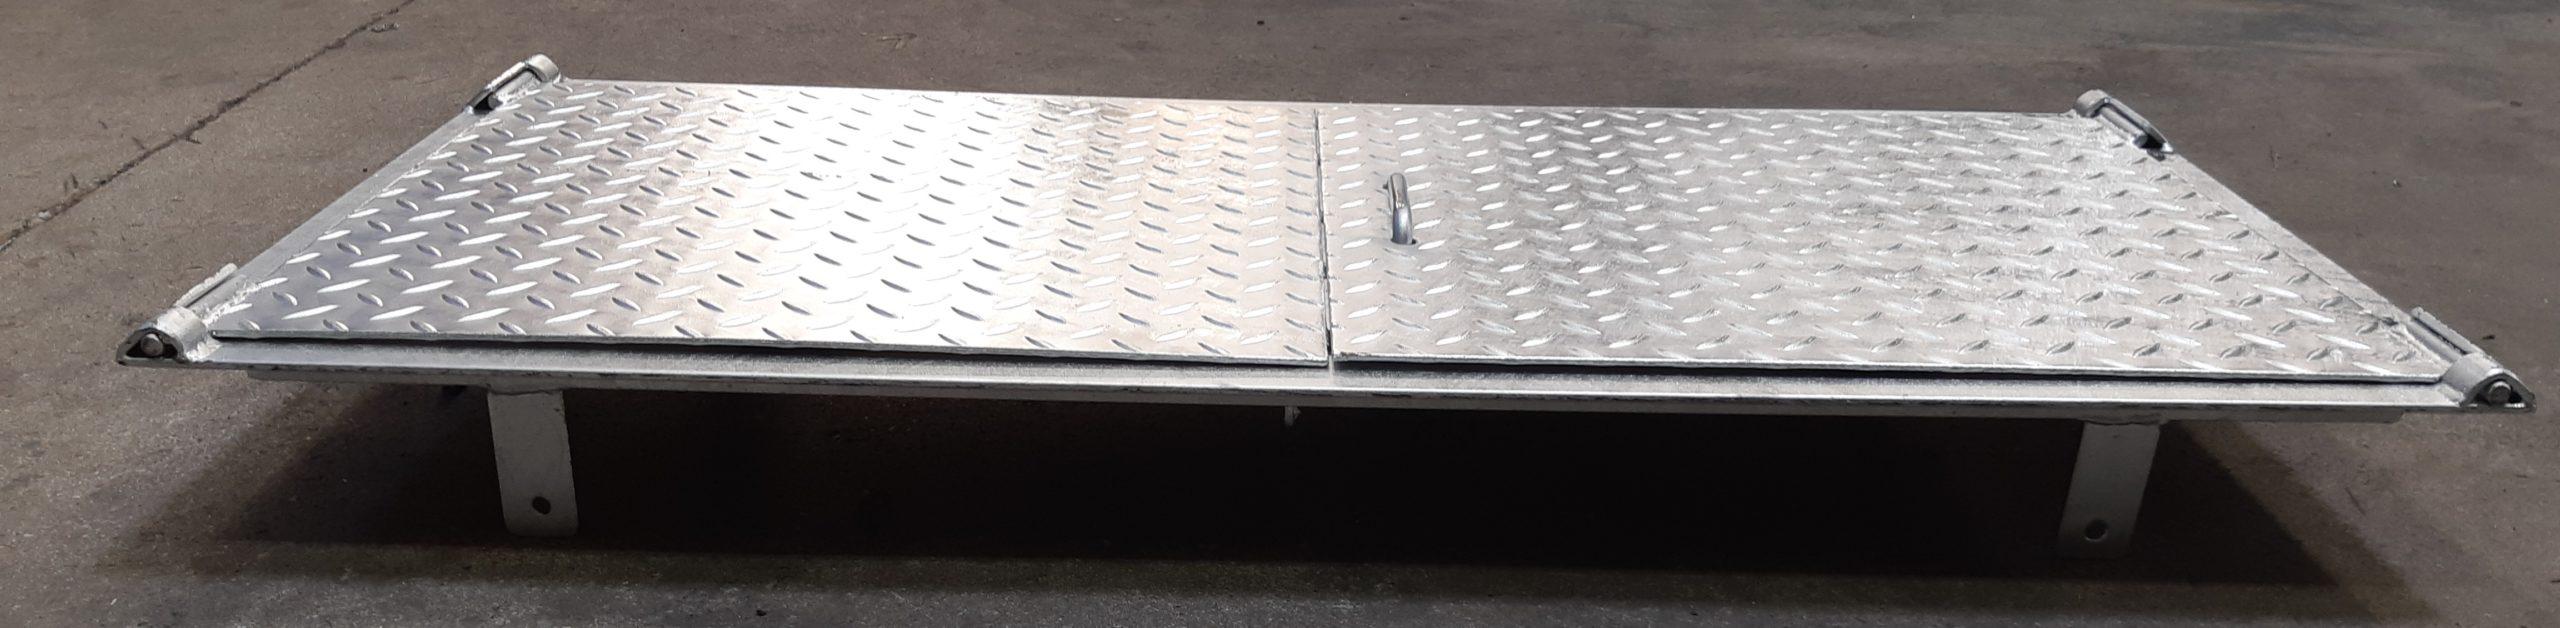 Trappe De Sol Acier – Scadametal tout Couvercle Larmé Pour Passage De Voiture